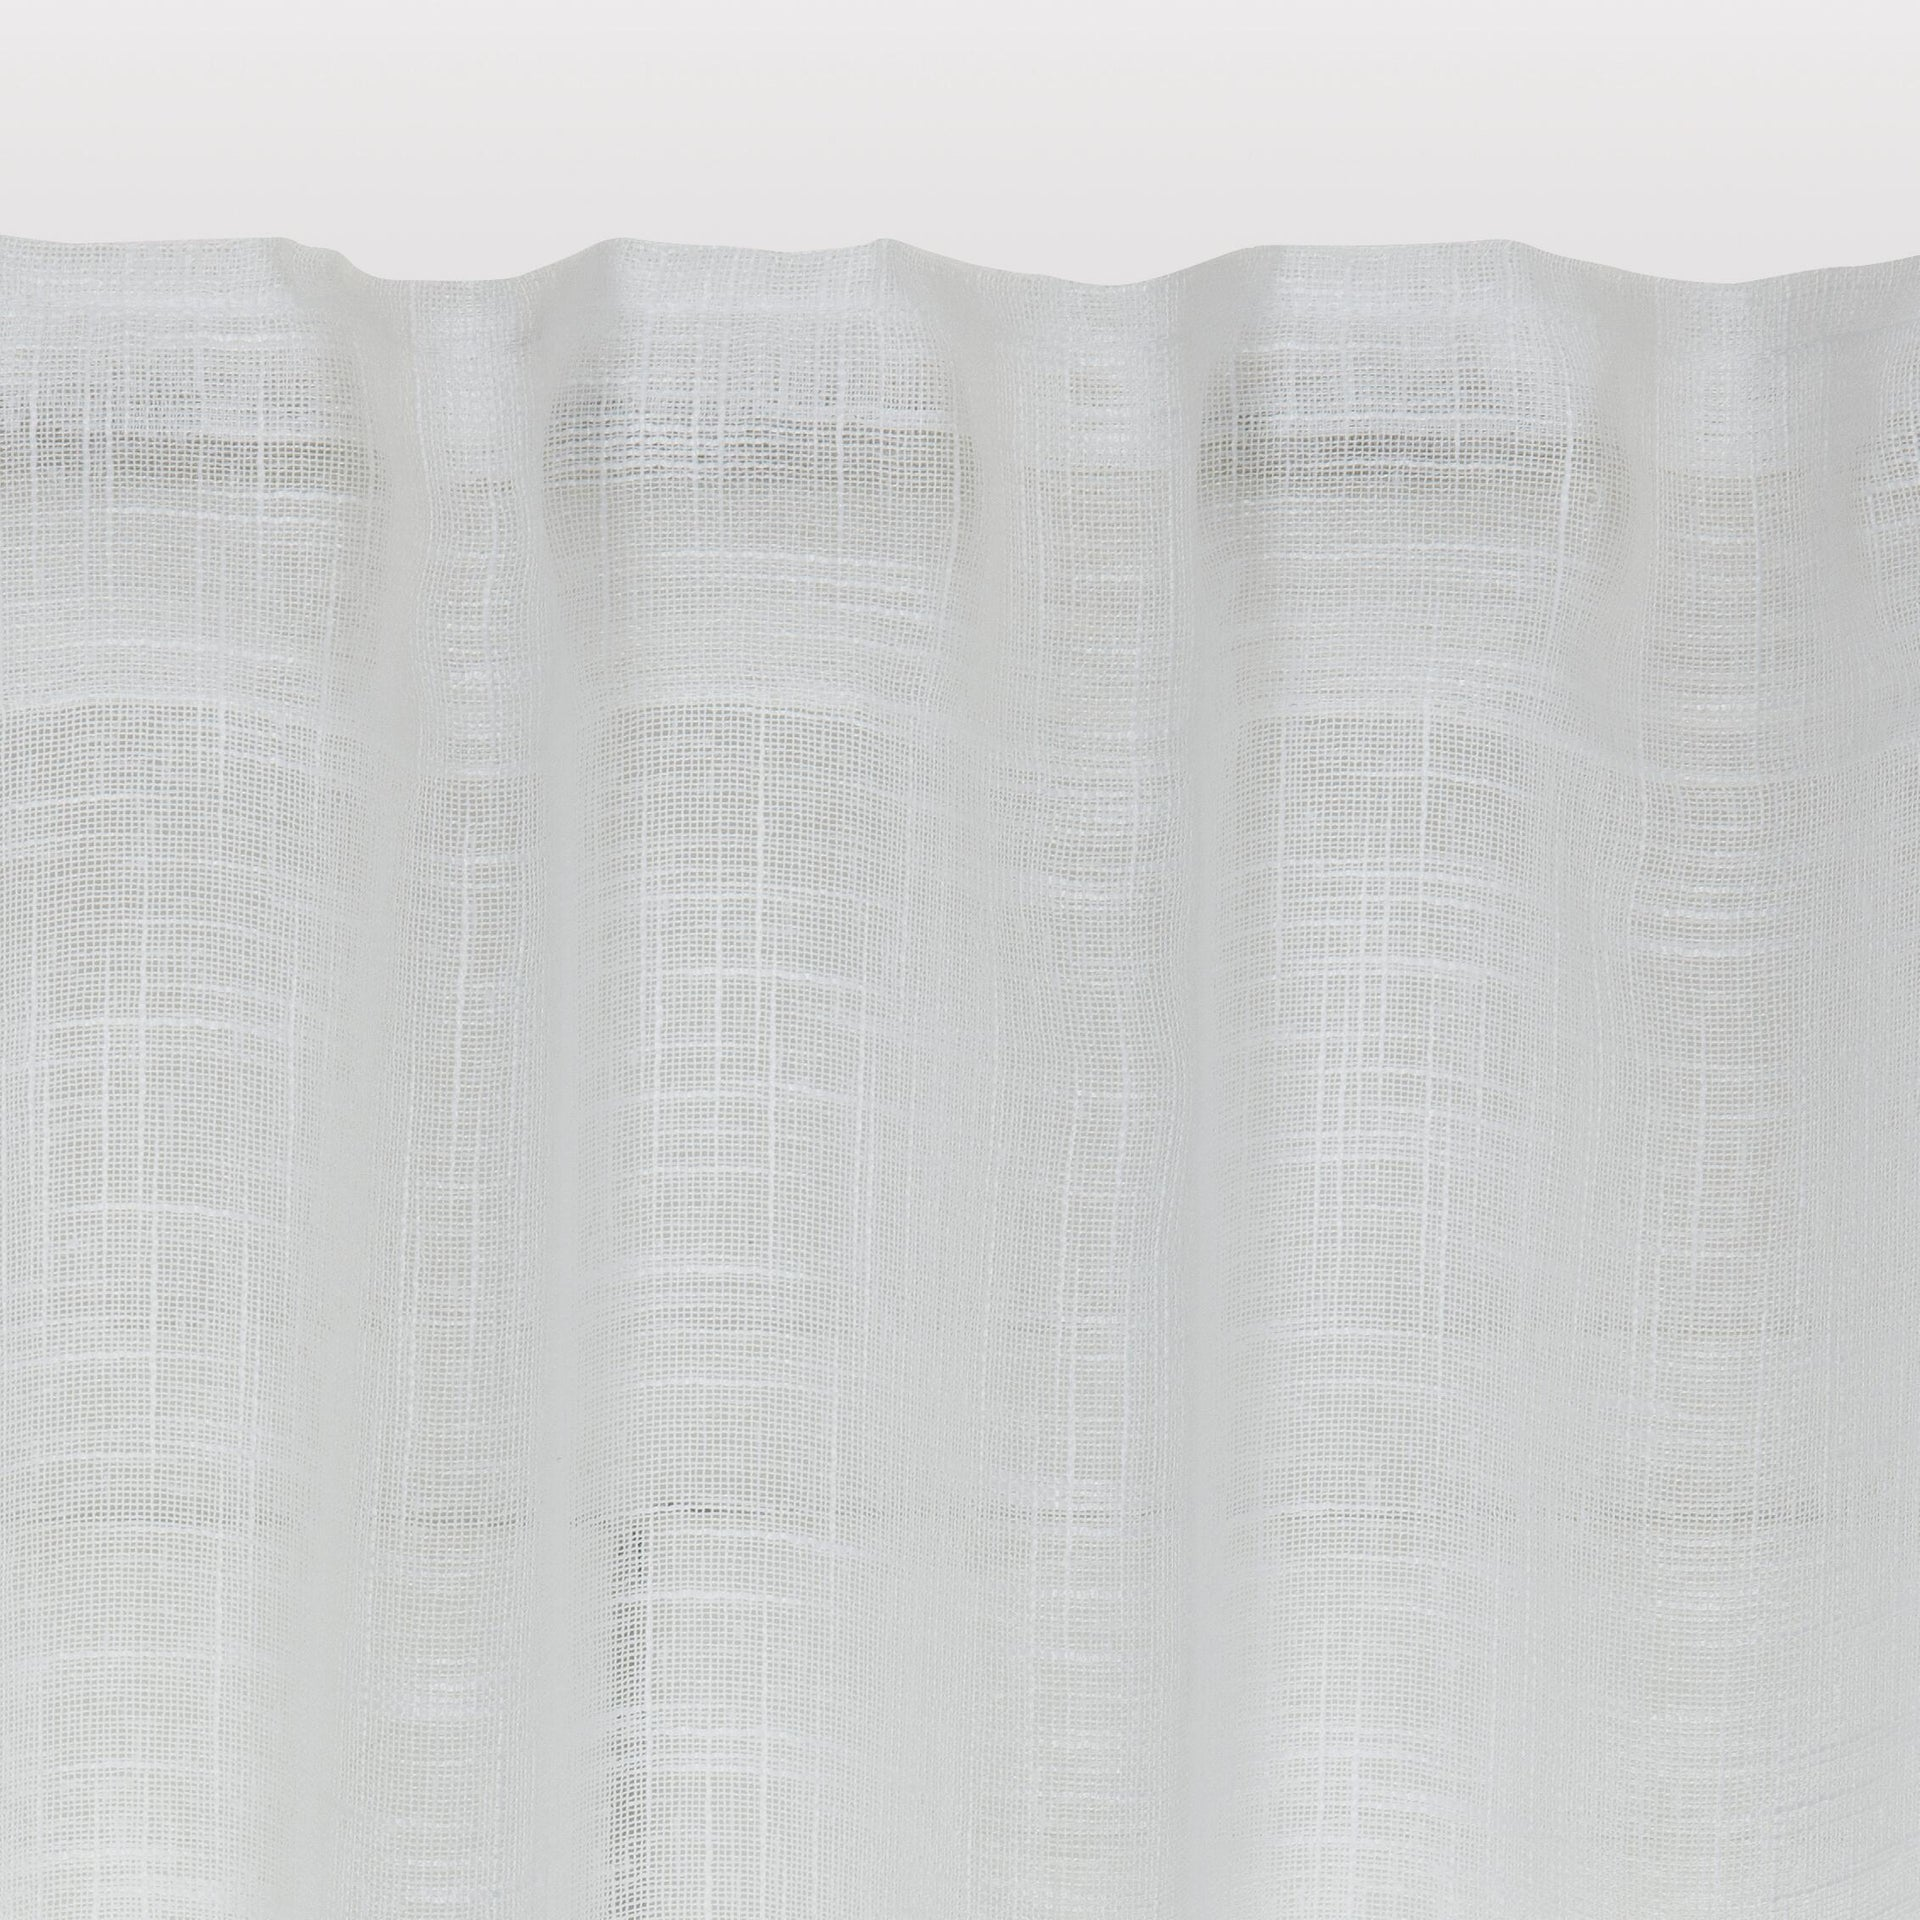 Tenda INSPIRE Amina bianco fettuccia con passanti nascosti 200 x 280 cm - 6